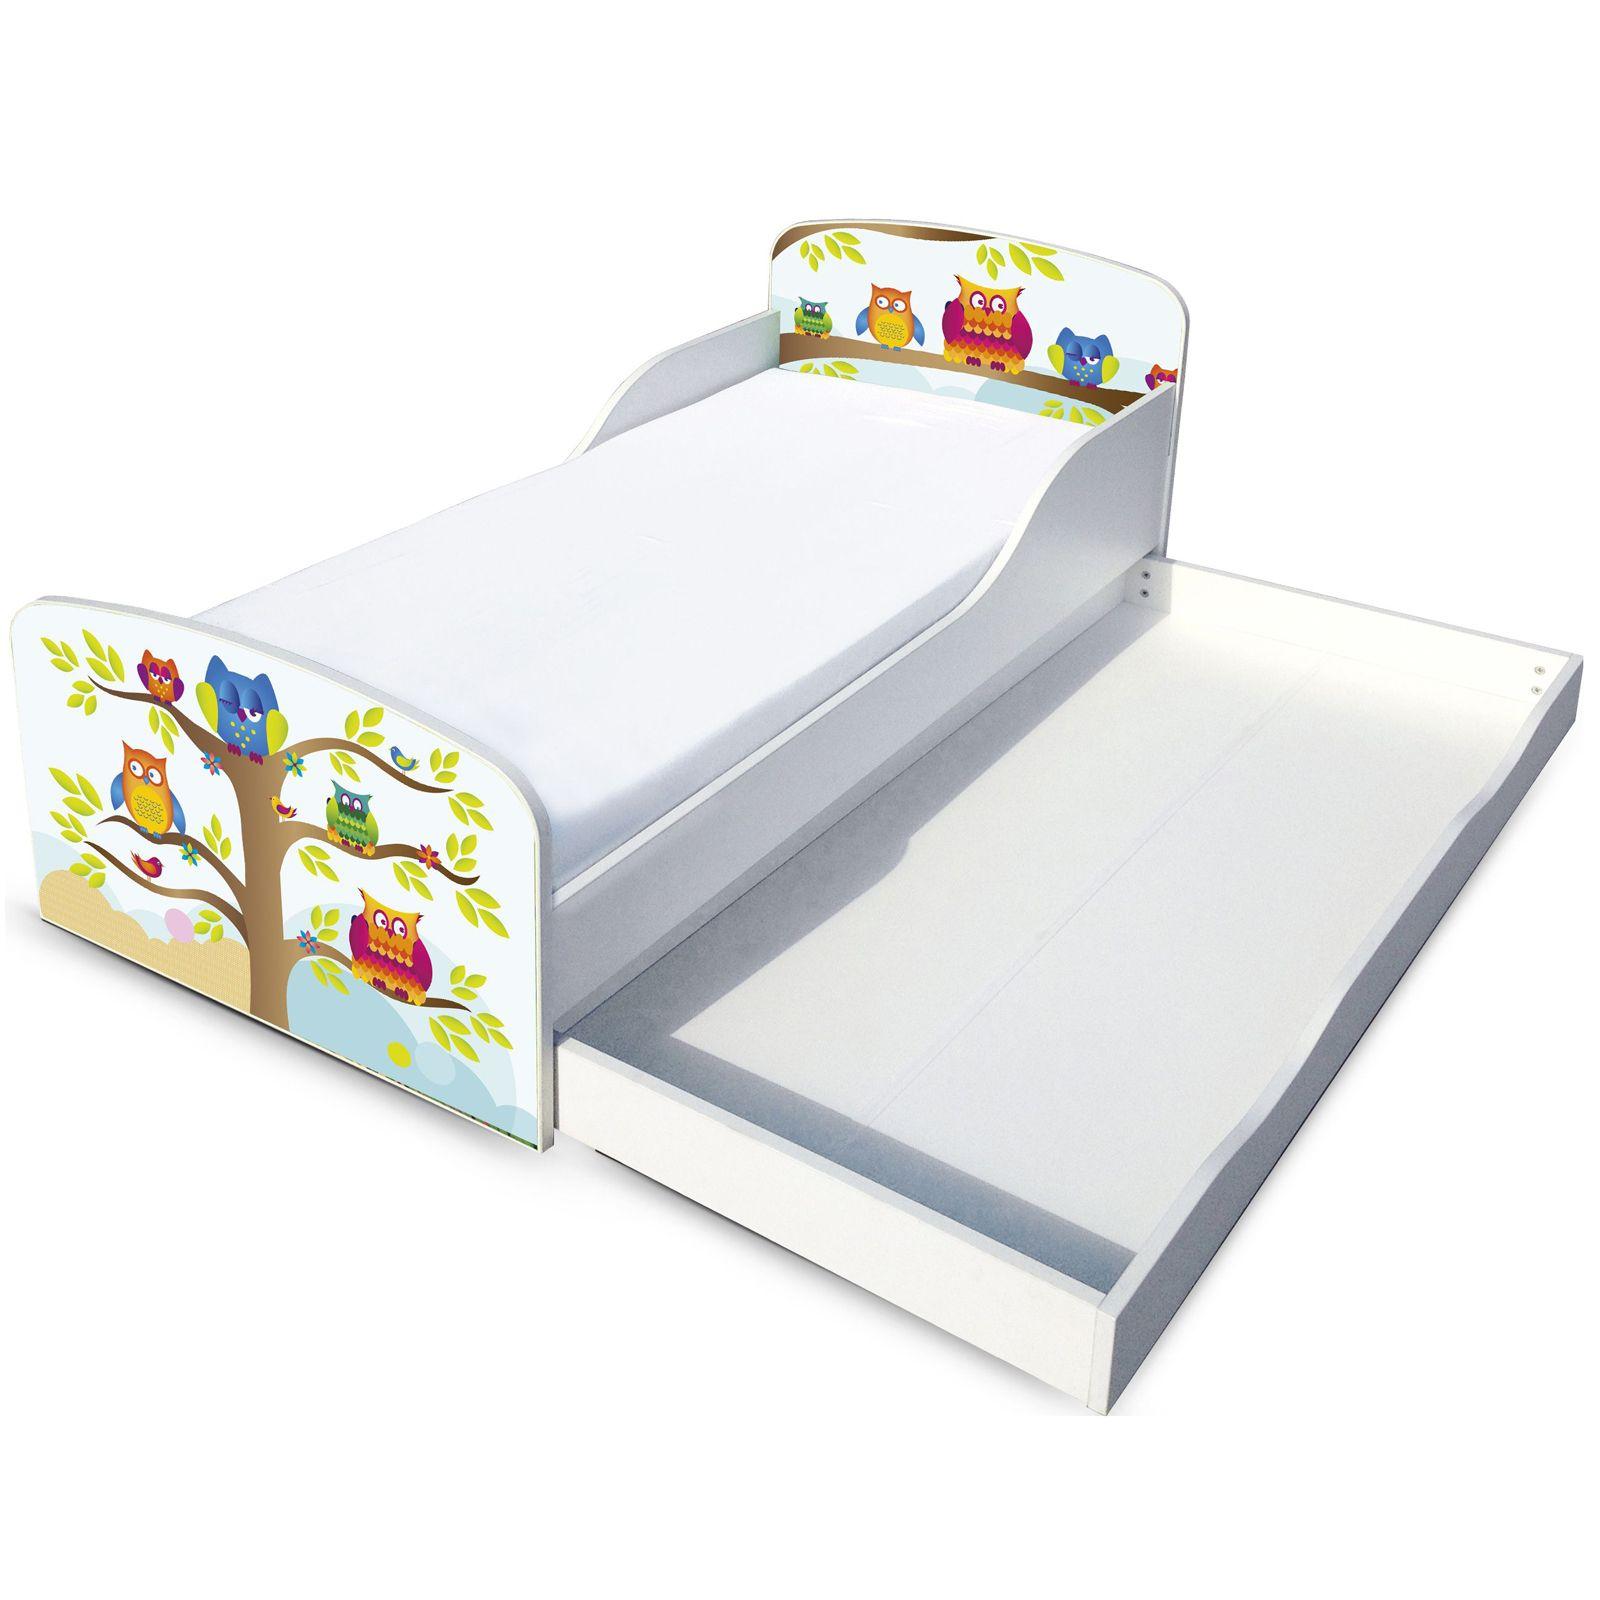 eulen mdf kleinkind bett mit unterbett aufbewahrung luxus matratzen neu m bel ebay. Black Bedroom Furniture Sets. Home Design Ideas